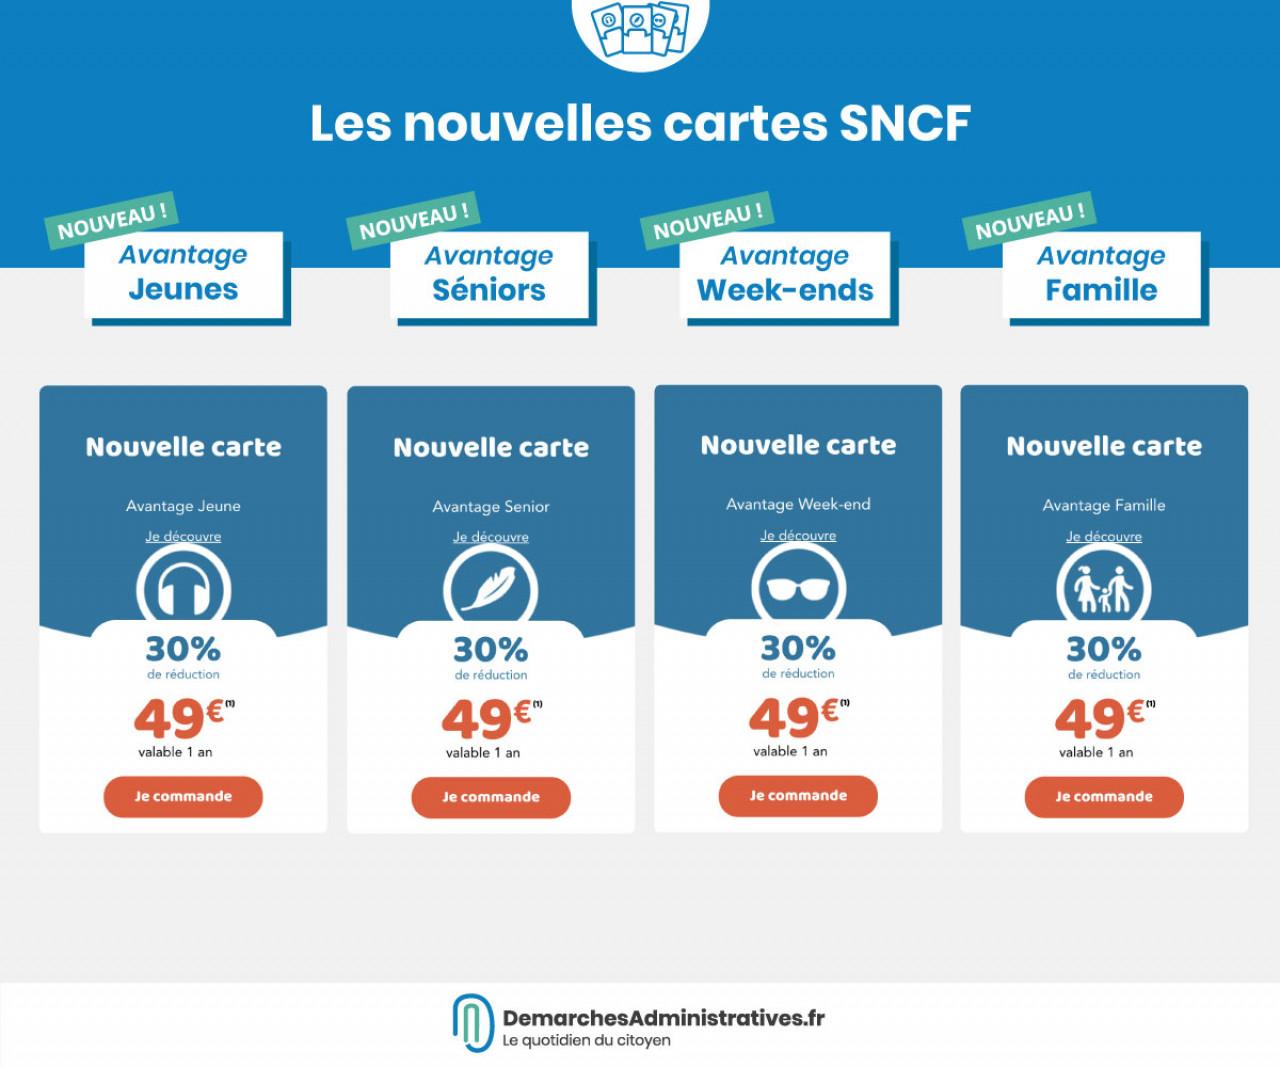 Cartes de réduction SNCF 2019